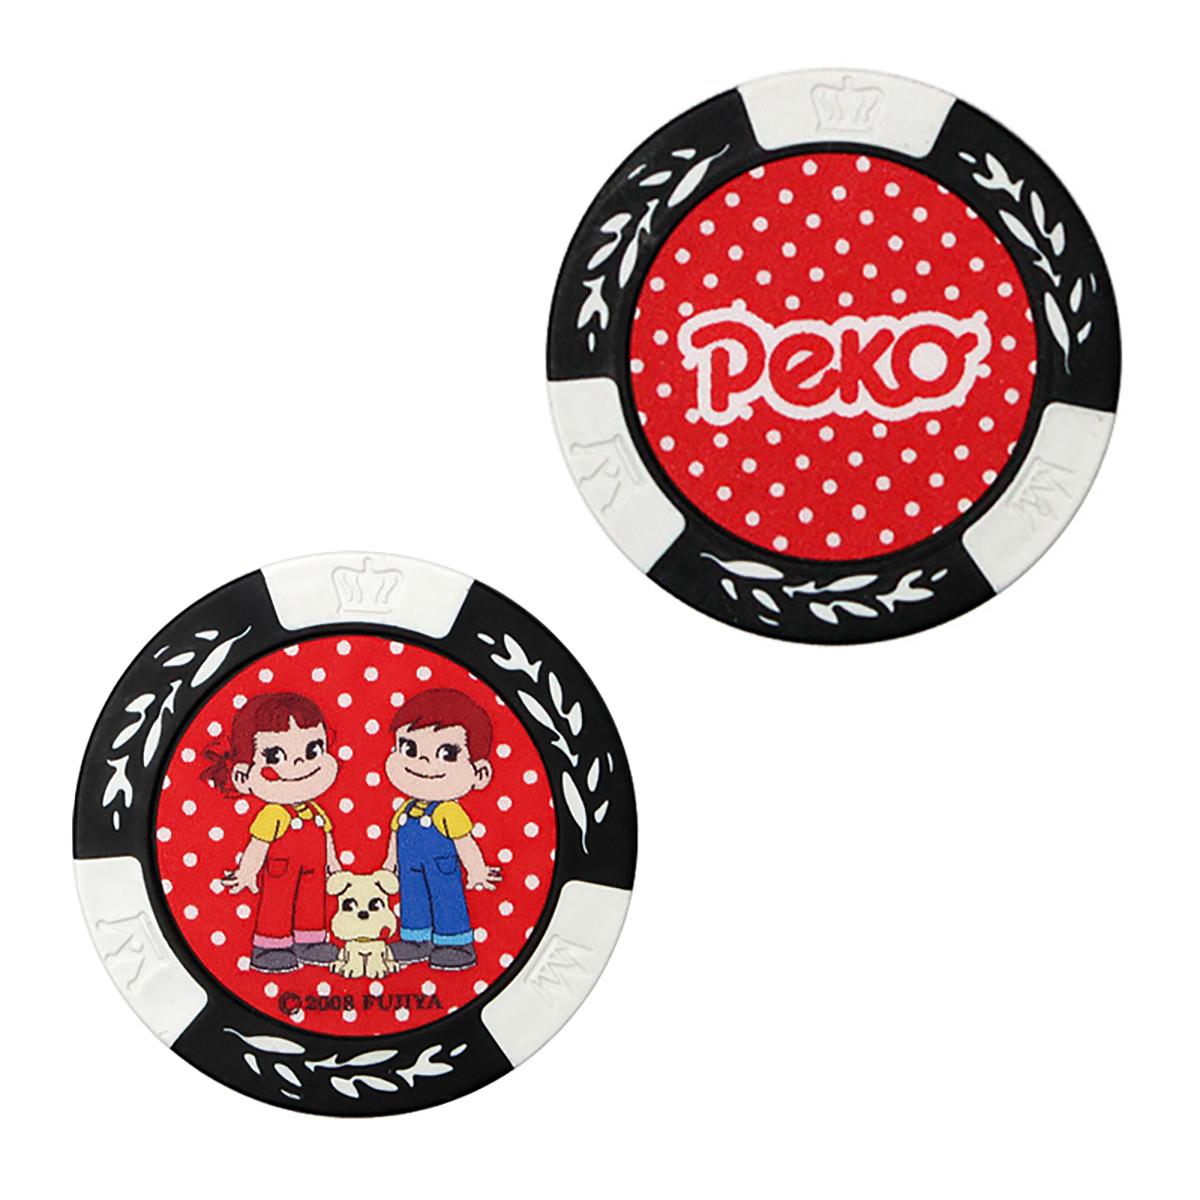 ホクシン交易 ペコちゃん&ポコちゃん カジノチップマーカー